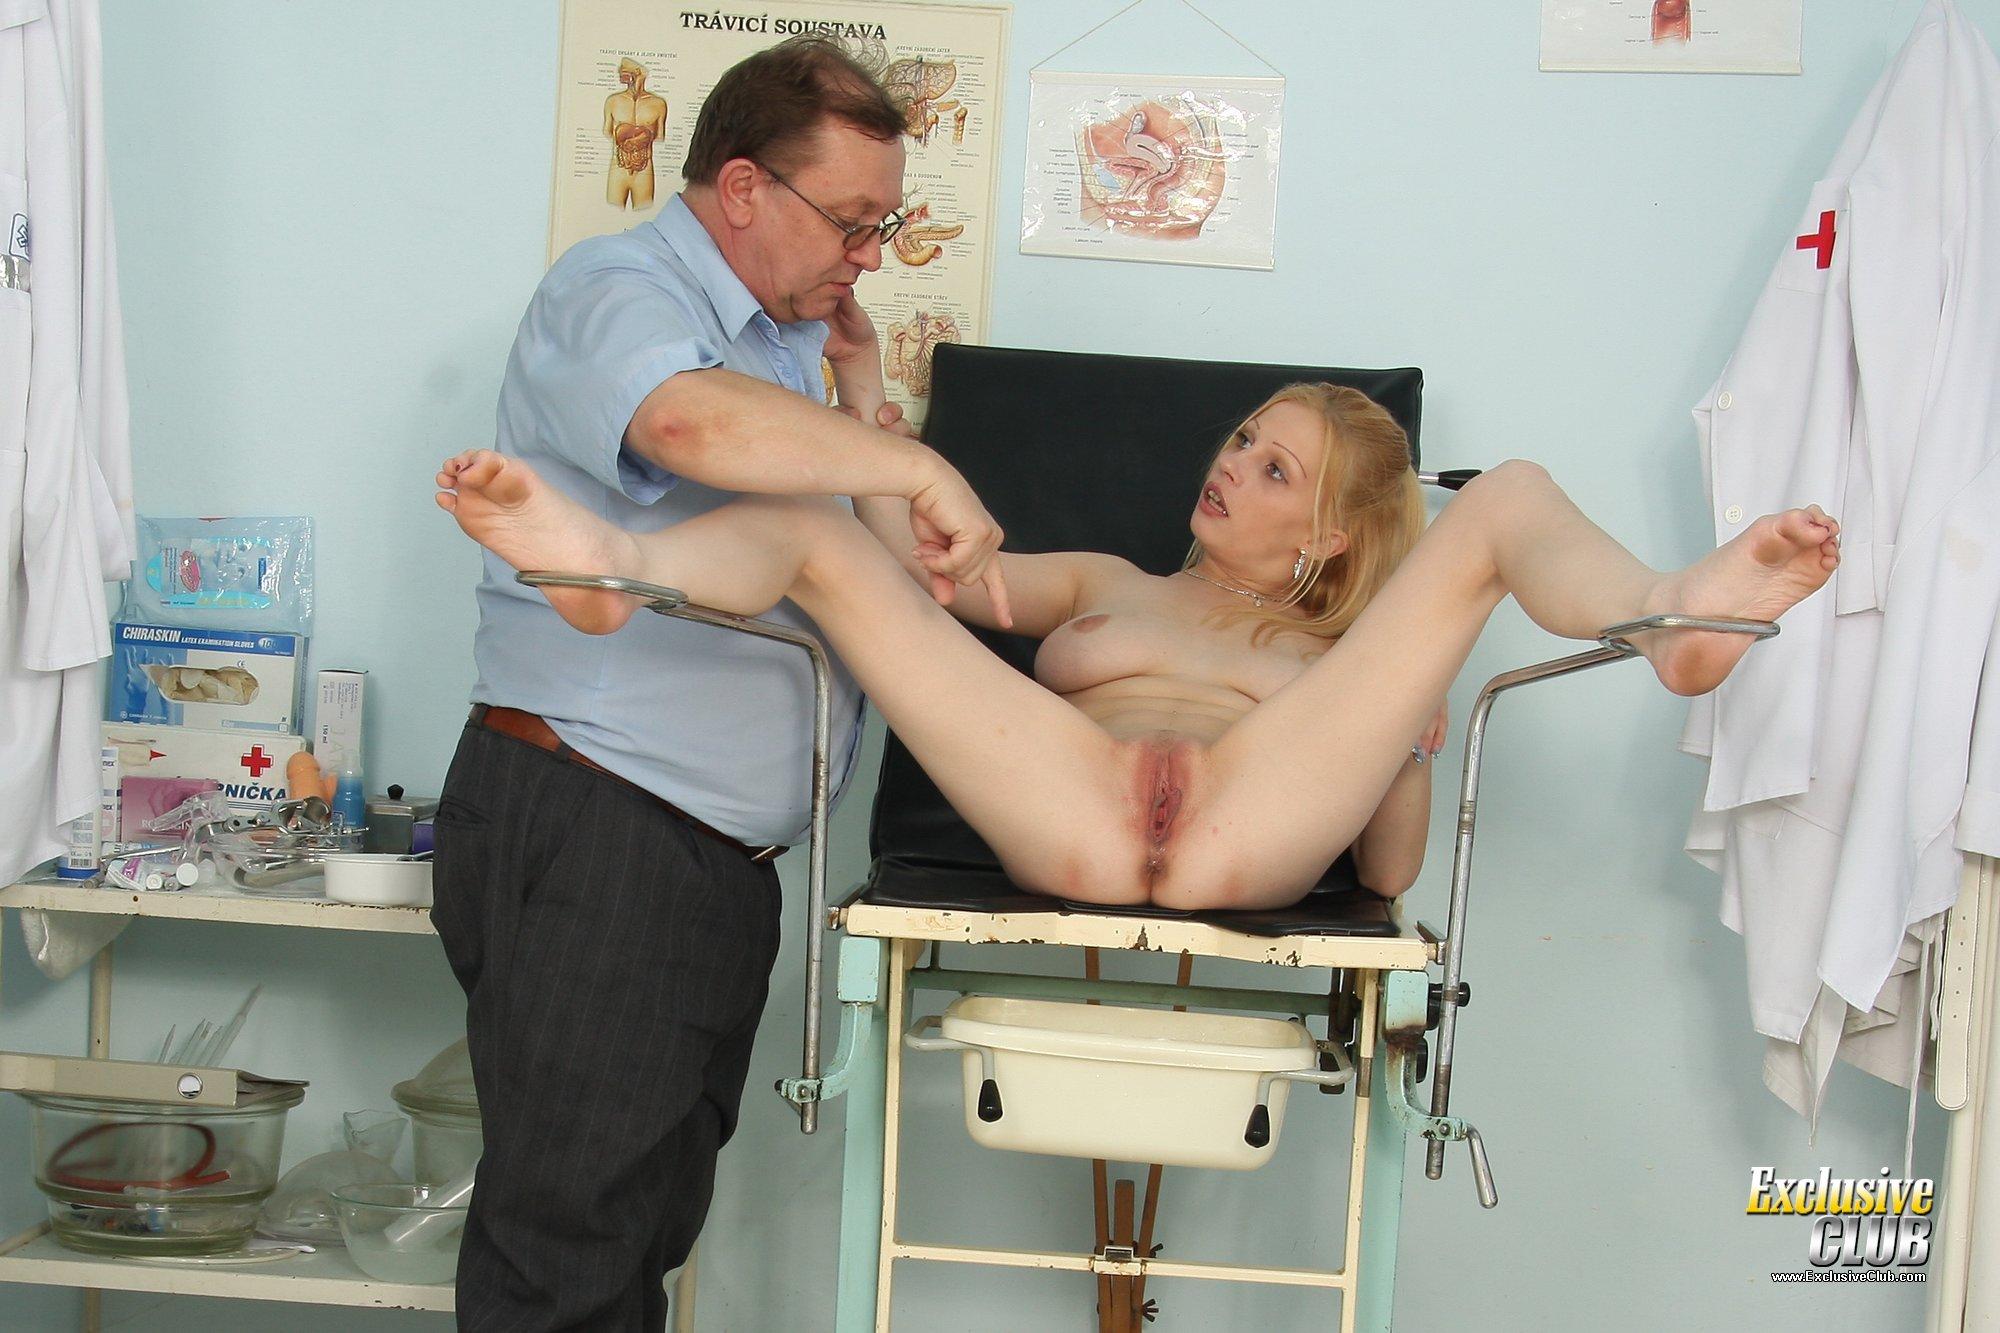 Связанные девушка у гинеколога, Порно у гинеколога онлайн, бесплатно секс видео на 12 фотография